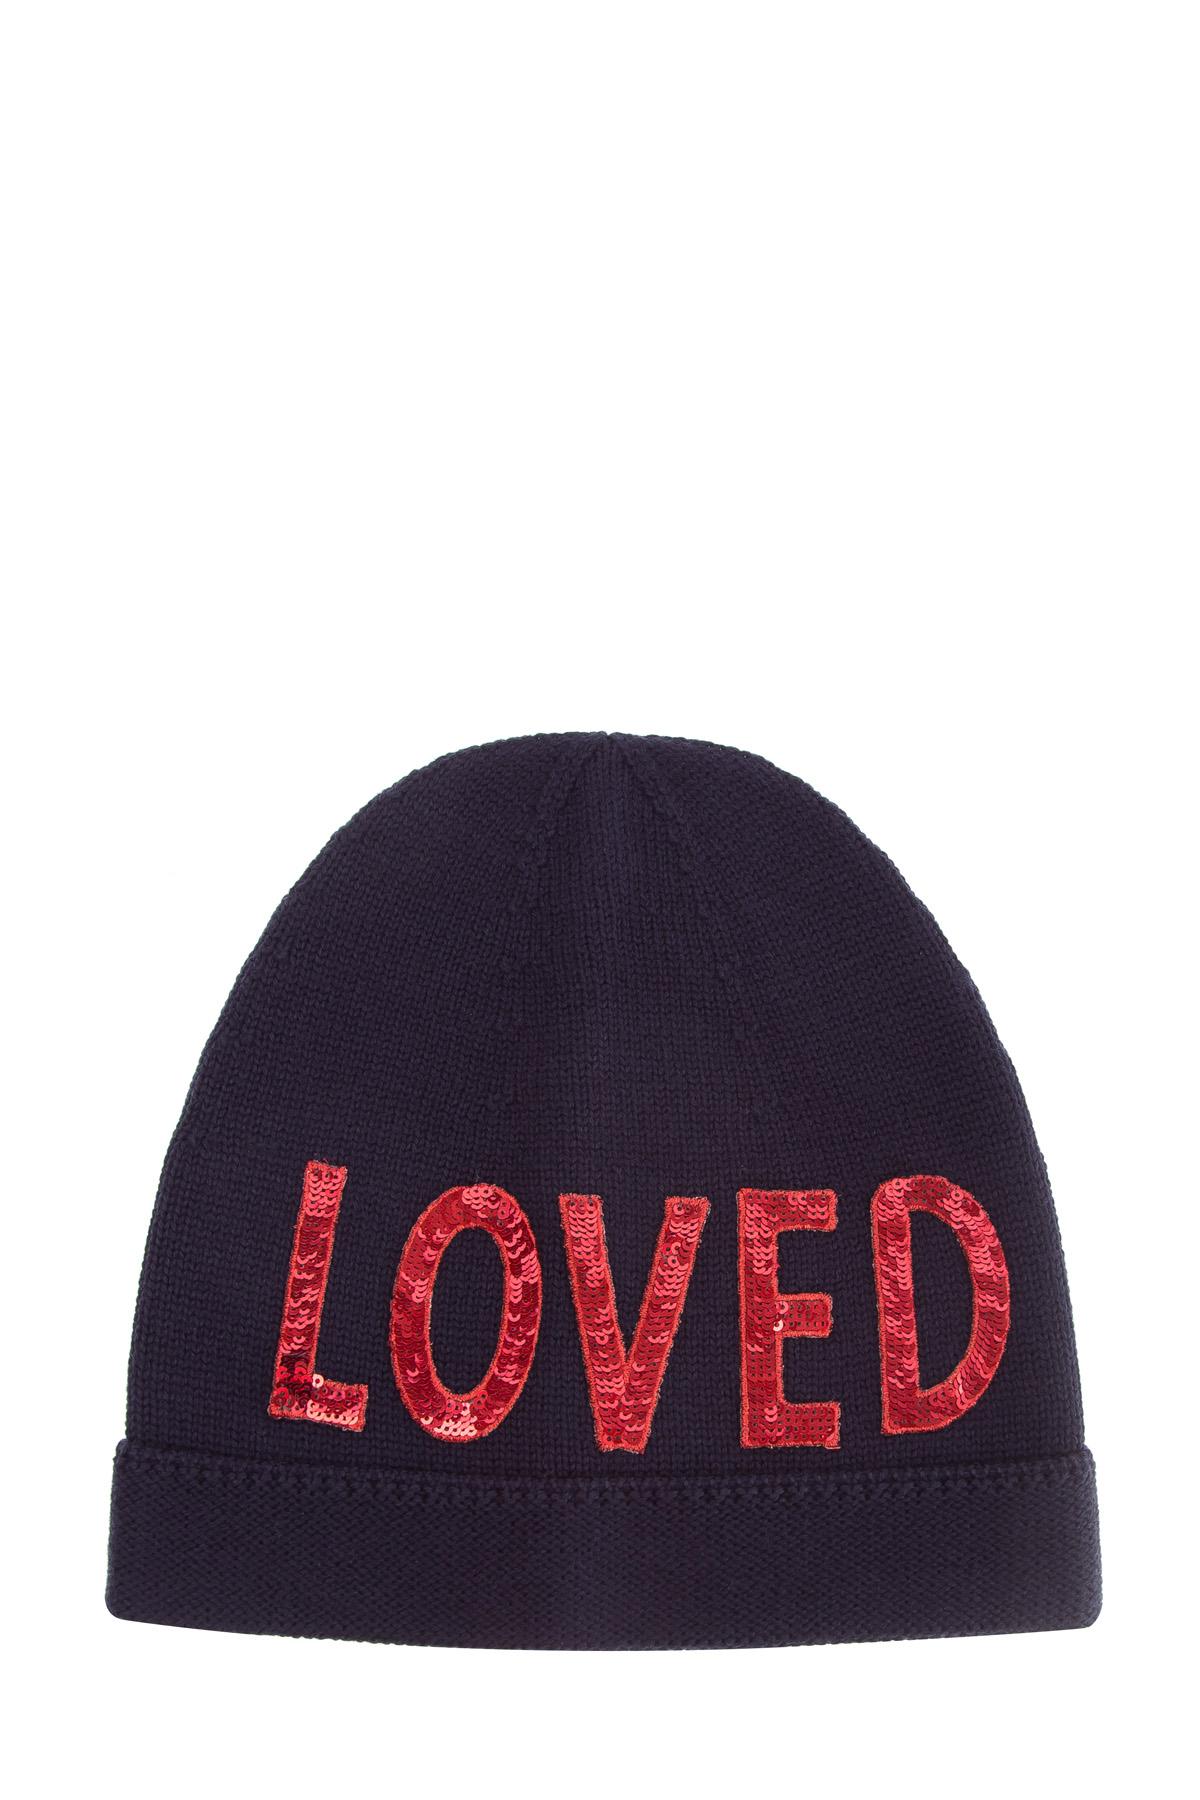 """Купить со скидкой Шапка-бини с яркой аппликацией из красных пайеток в виде слова """"Loved"""""""